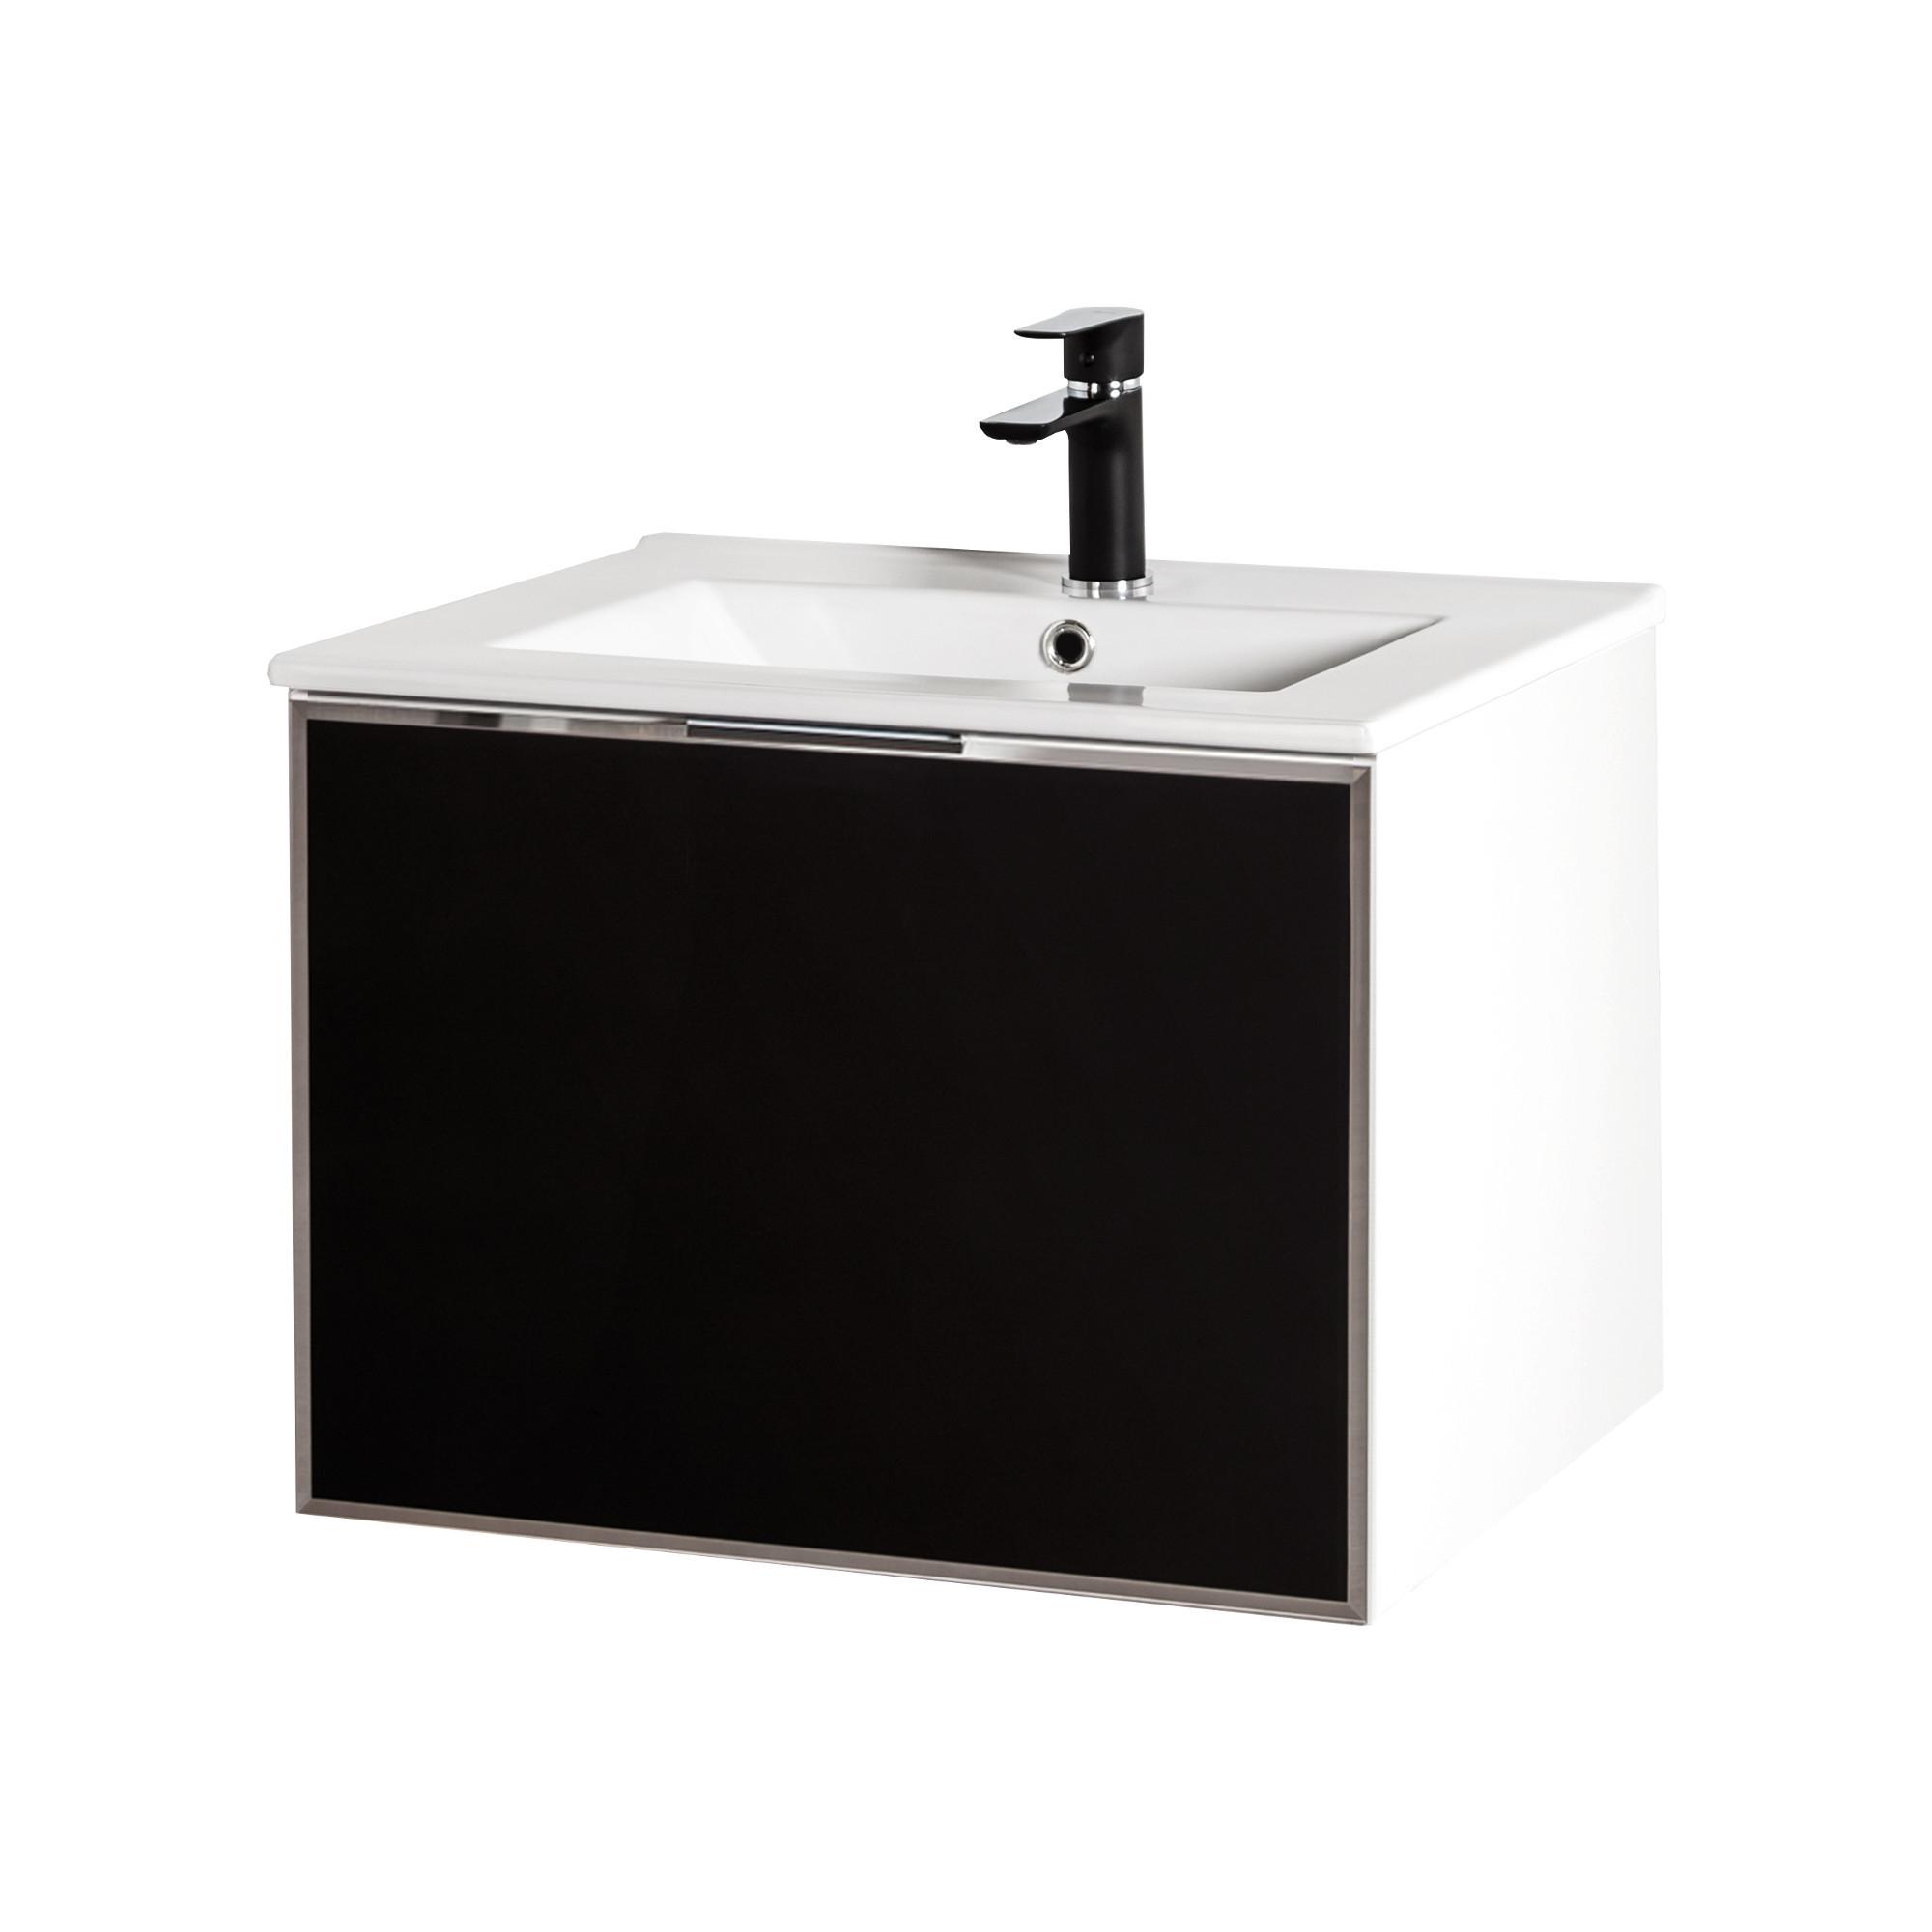 Szafka łazienkowa Sanitti Delta kolor frontu czarny 60 cm z umywalką UMW-60